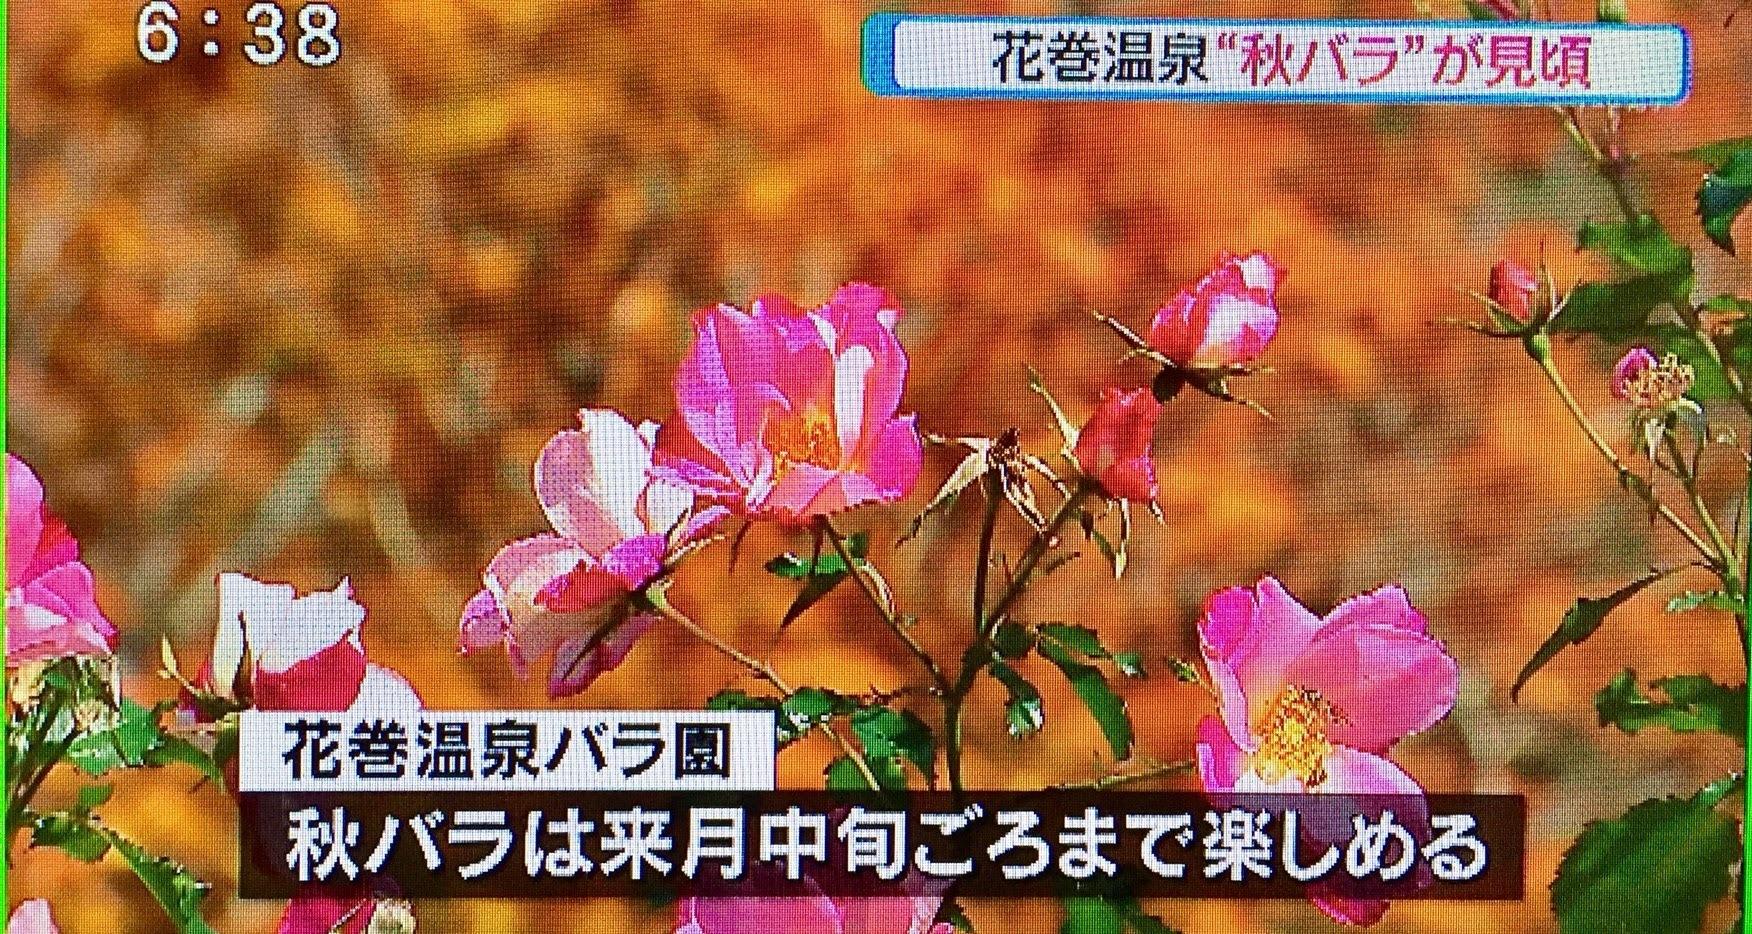 20171025_ニュースプラス1いわて�I.jpg